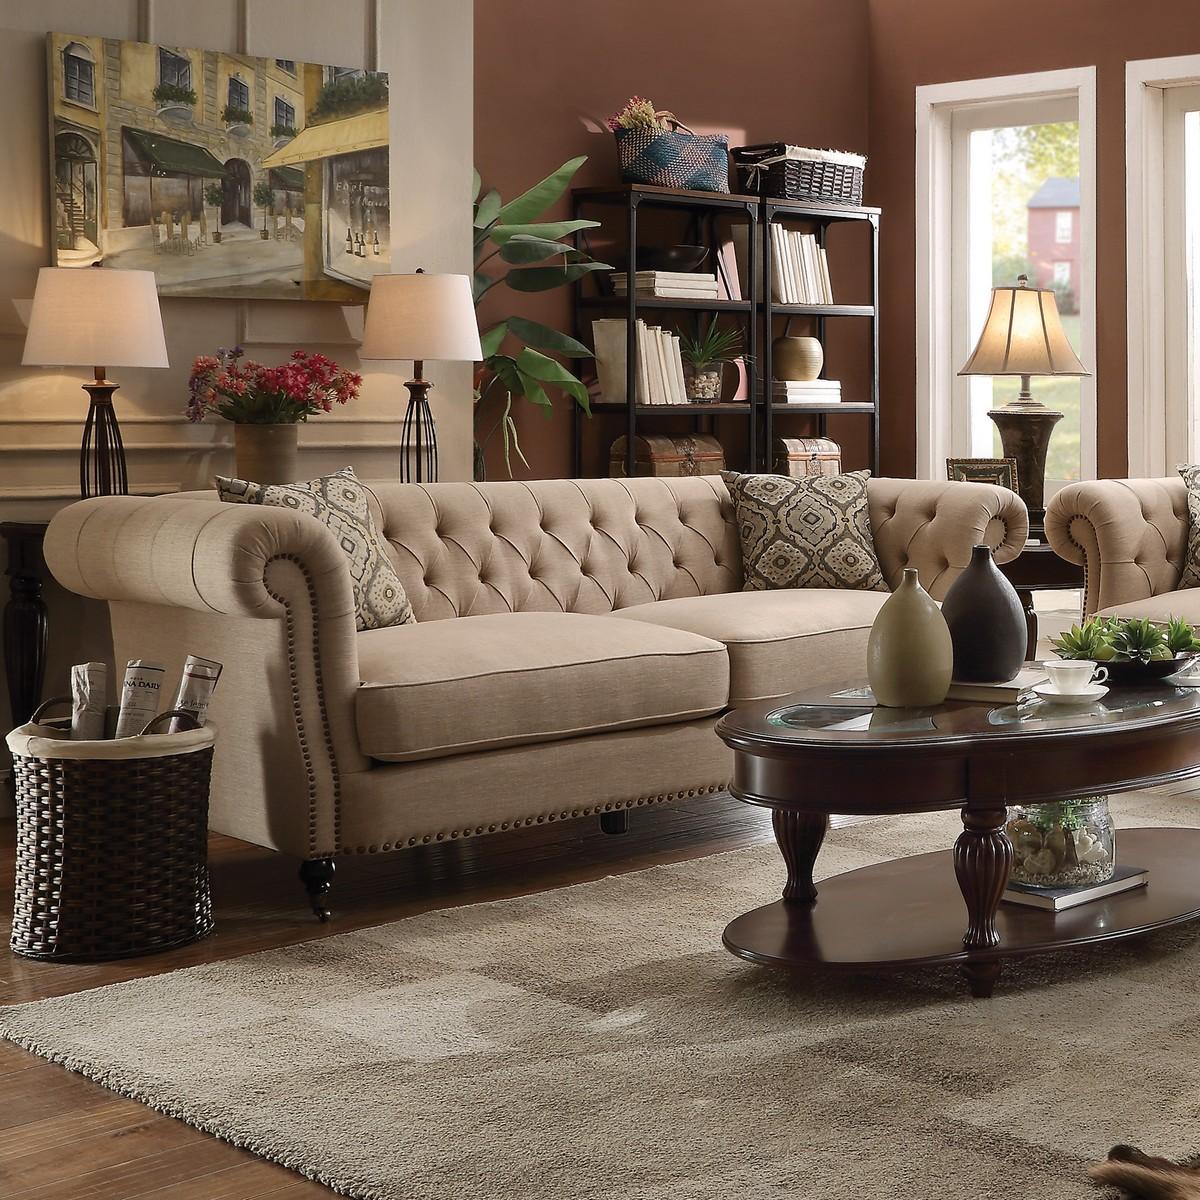 Coaster trivellato sofa oatmeal 505821 at for Coaster co of america furniture